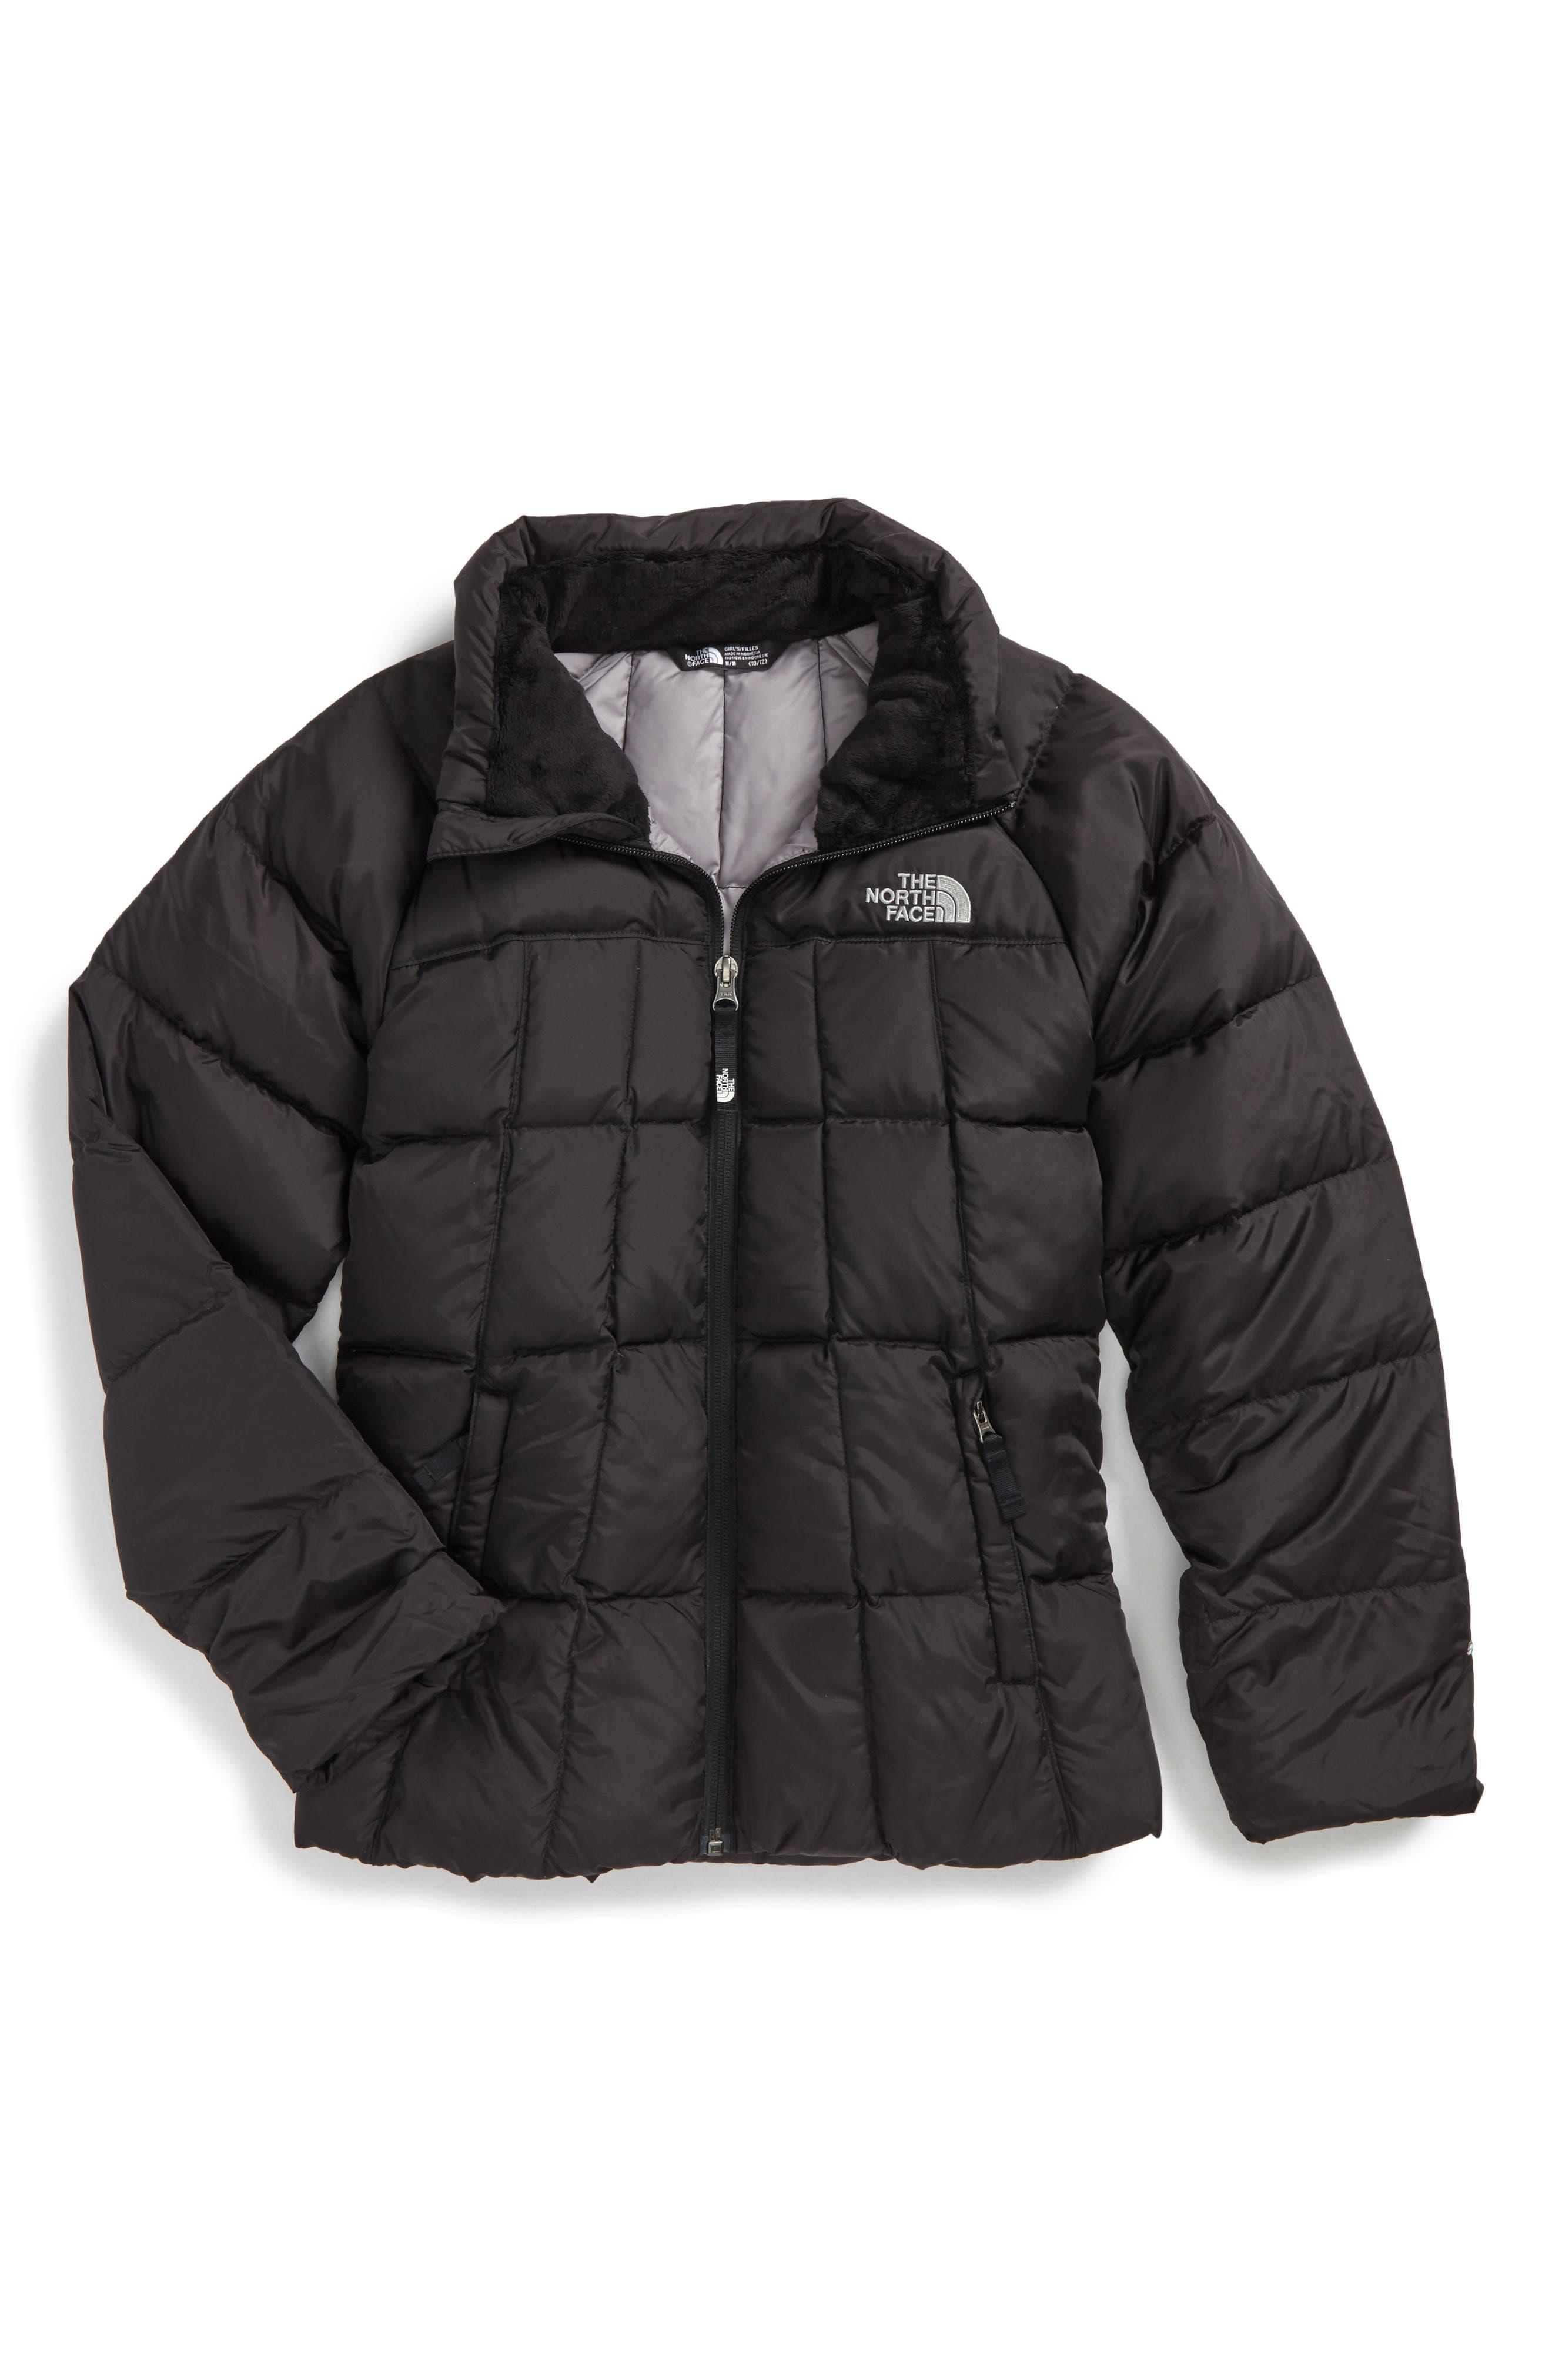 Aconcagua Down Jacket,                         Main,                         color, 001